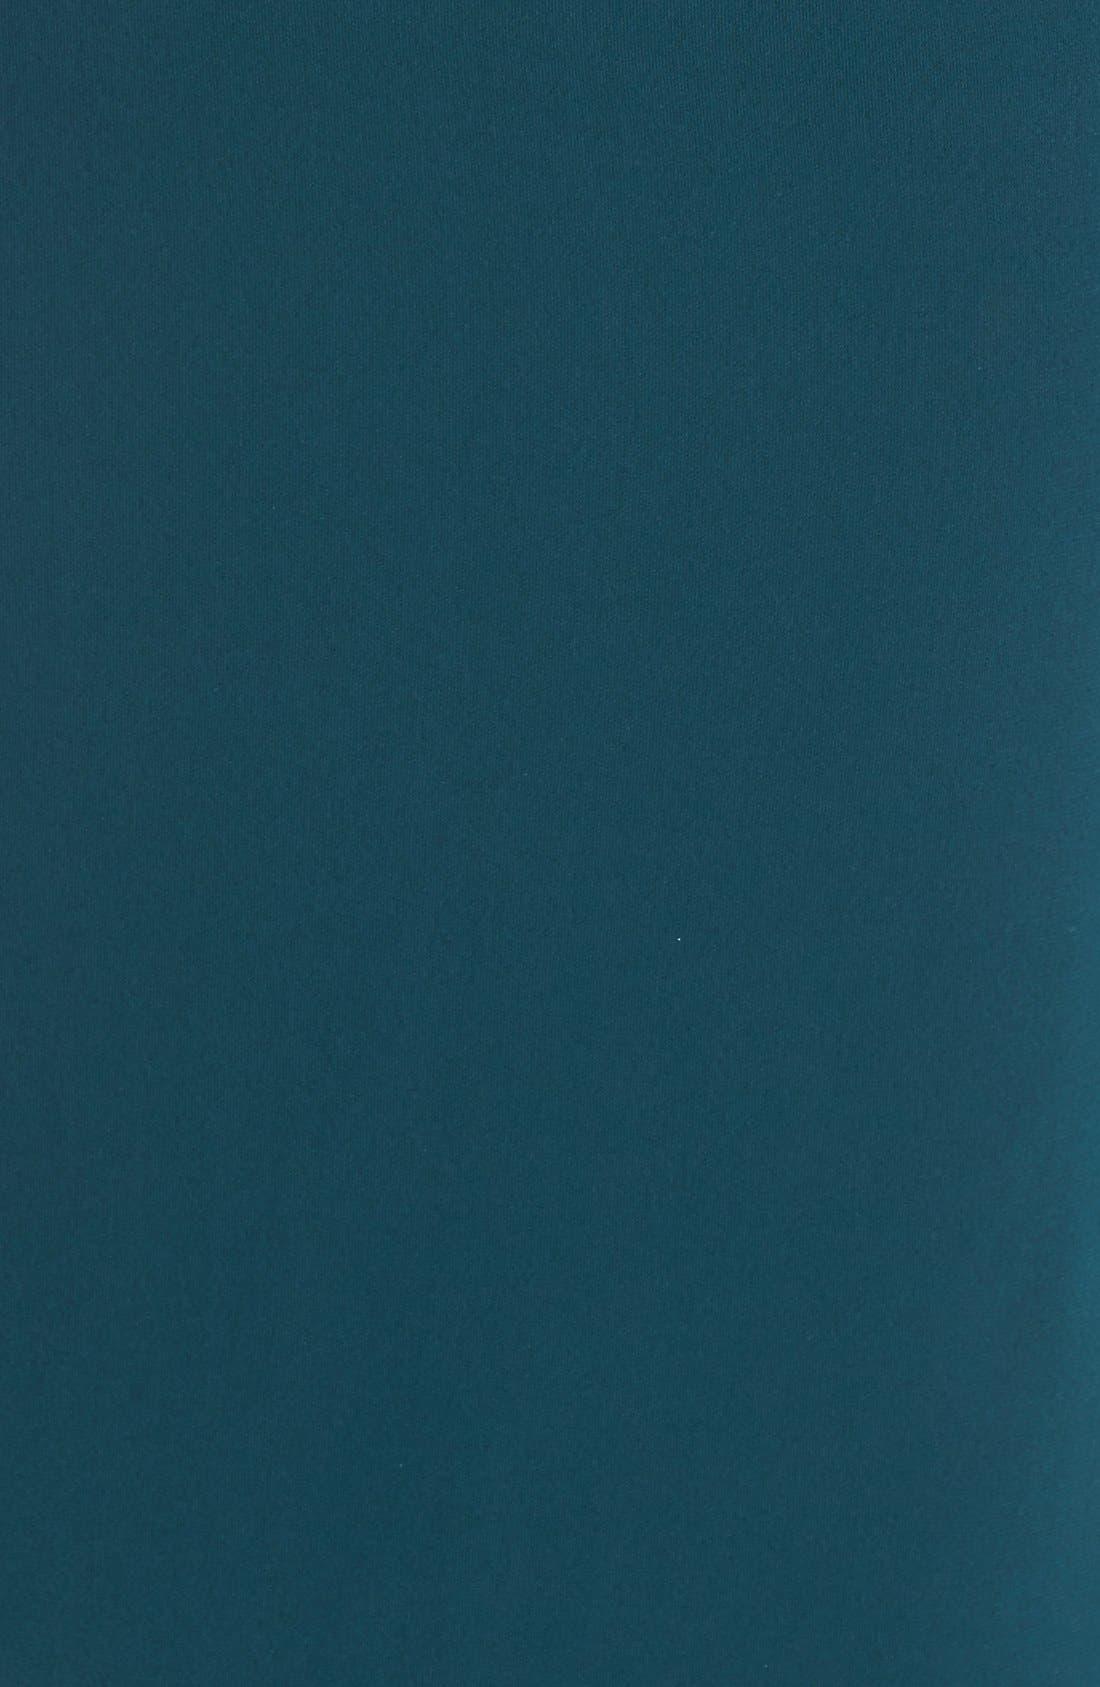 'Solange' Off the Shoulder Midi Dress,                             Alternate thumbnail 6, color,                             Teal